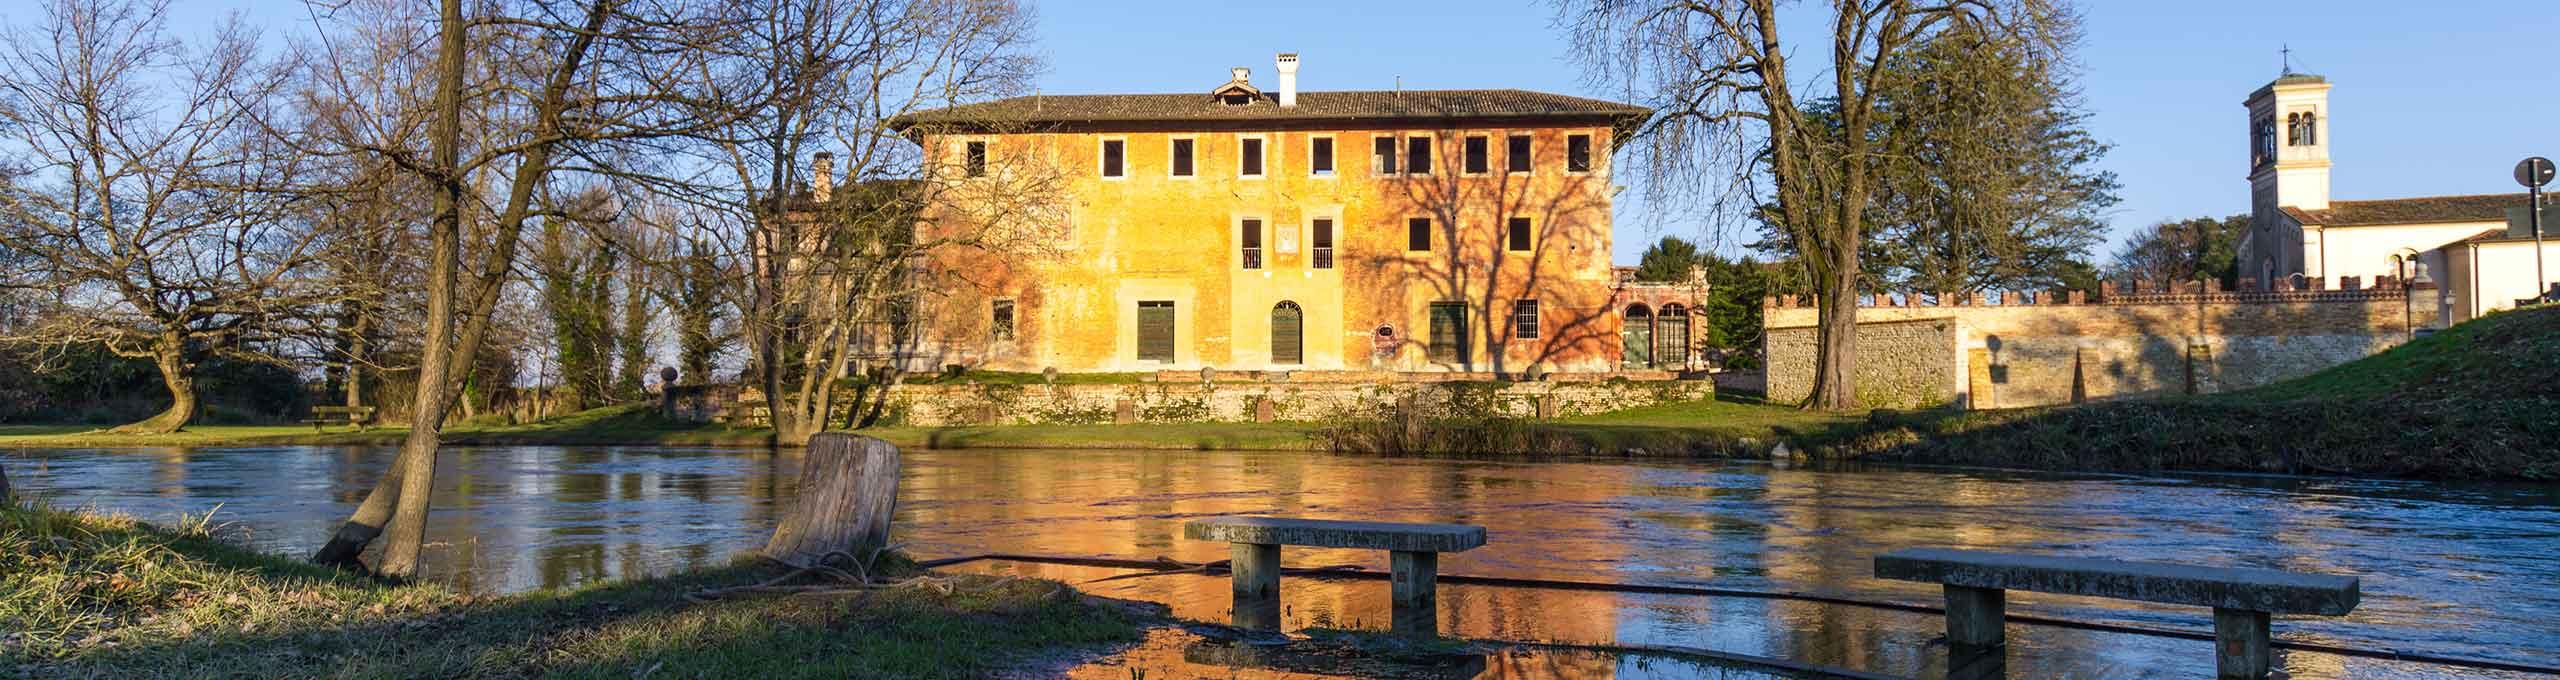 Rivignano Teor, Lignano Sabbiadoro e dintorni, Villa Ottelio Savorgnan sul fiume Stella